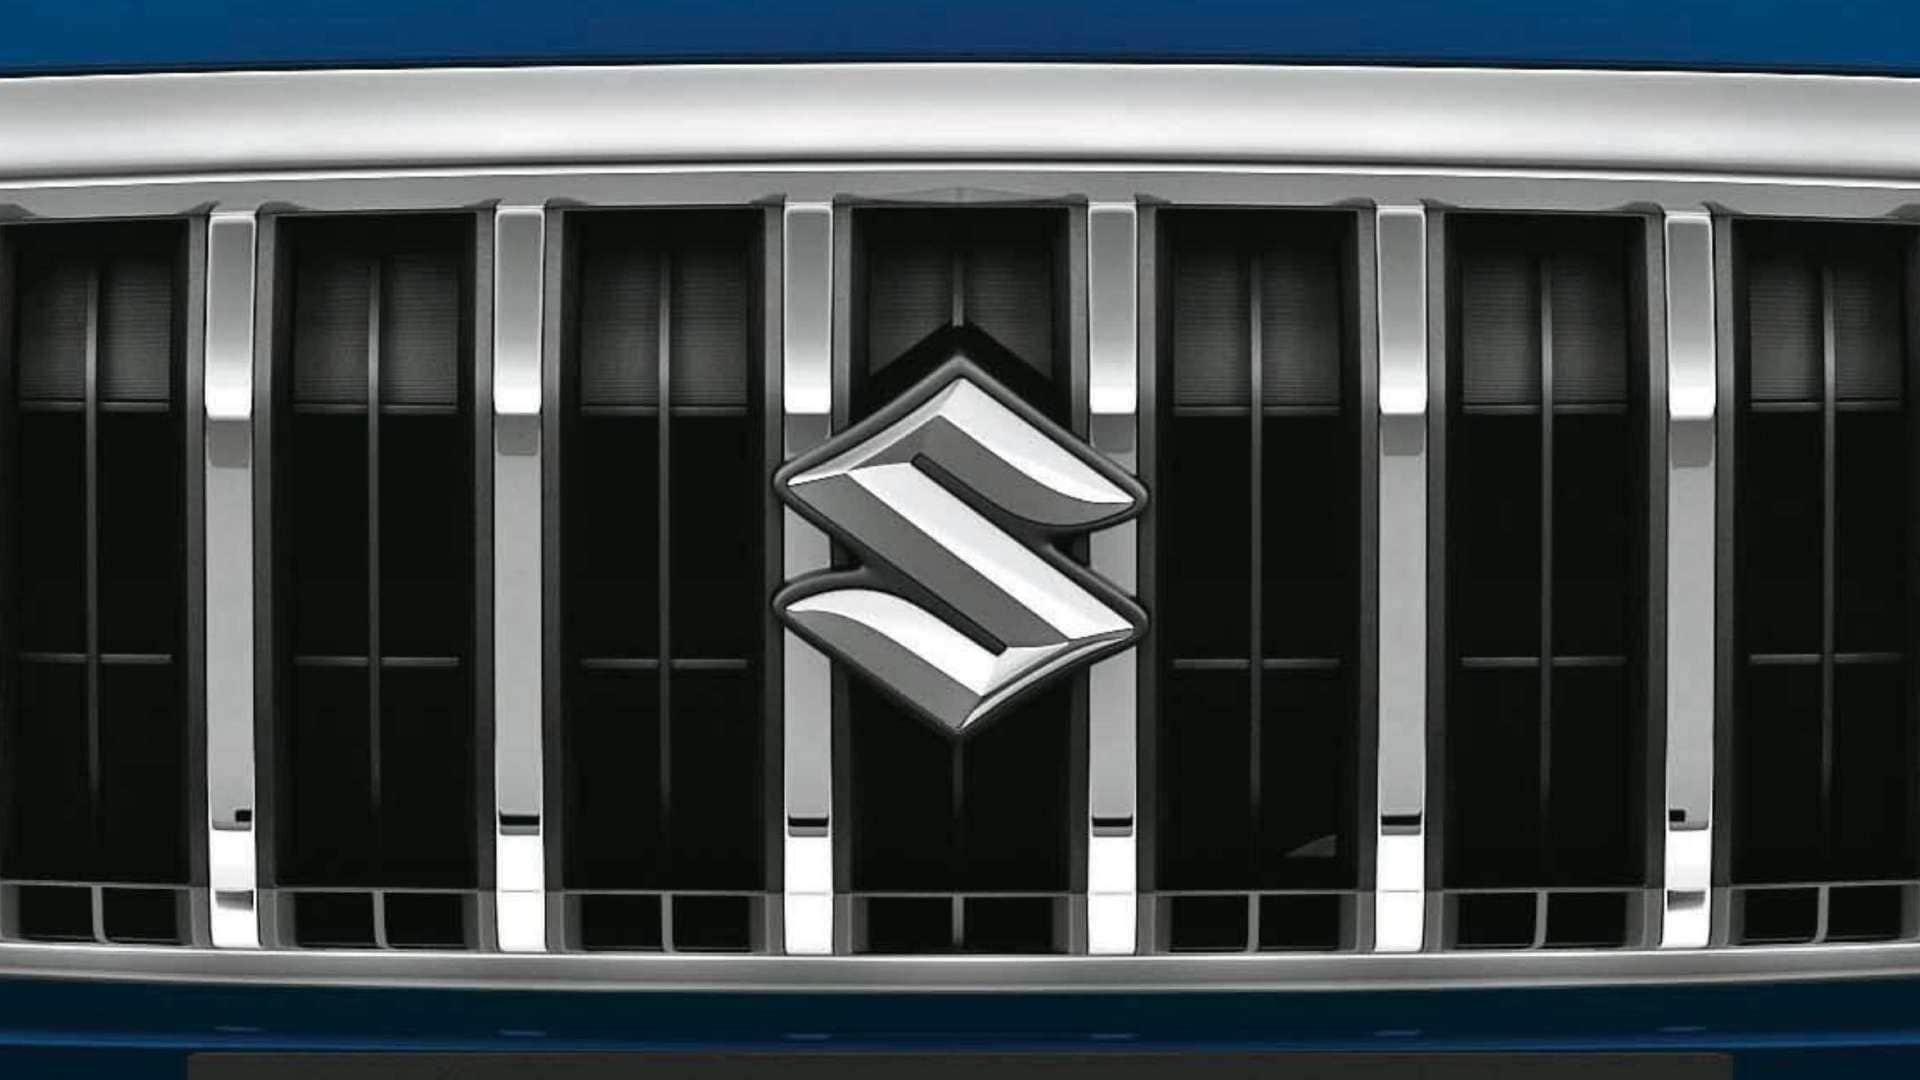 This will be the third price hike for Maruti Suzuki's passenger vehicles in 2021. Image: Maruti Suzuki